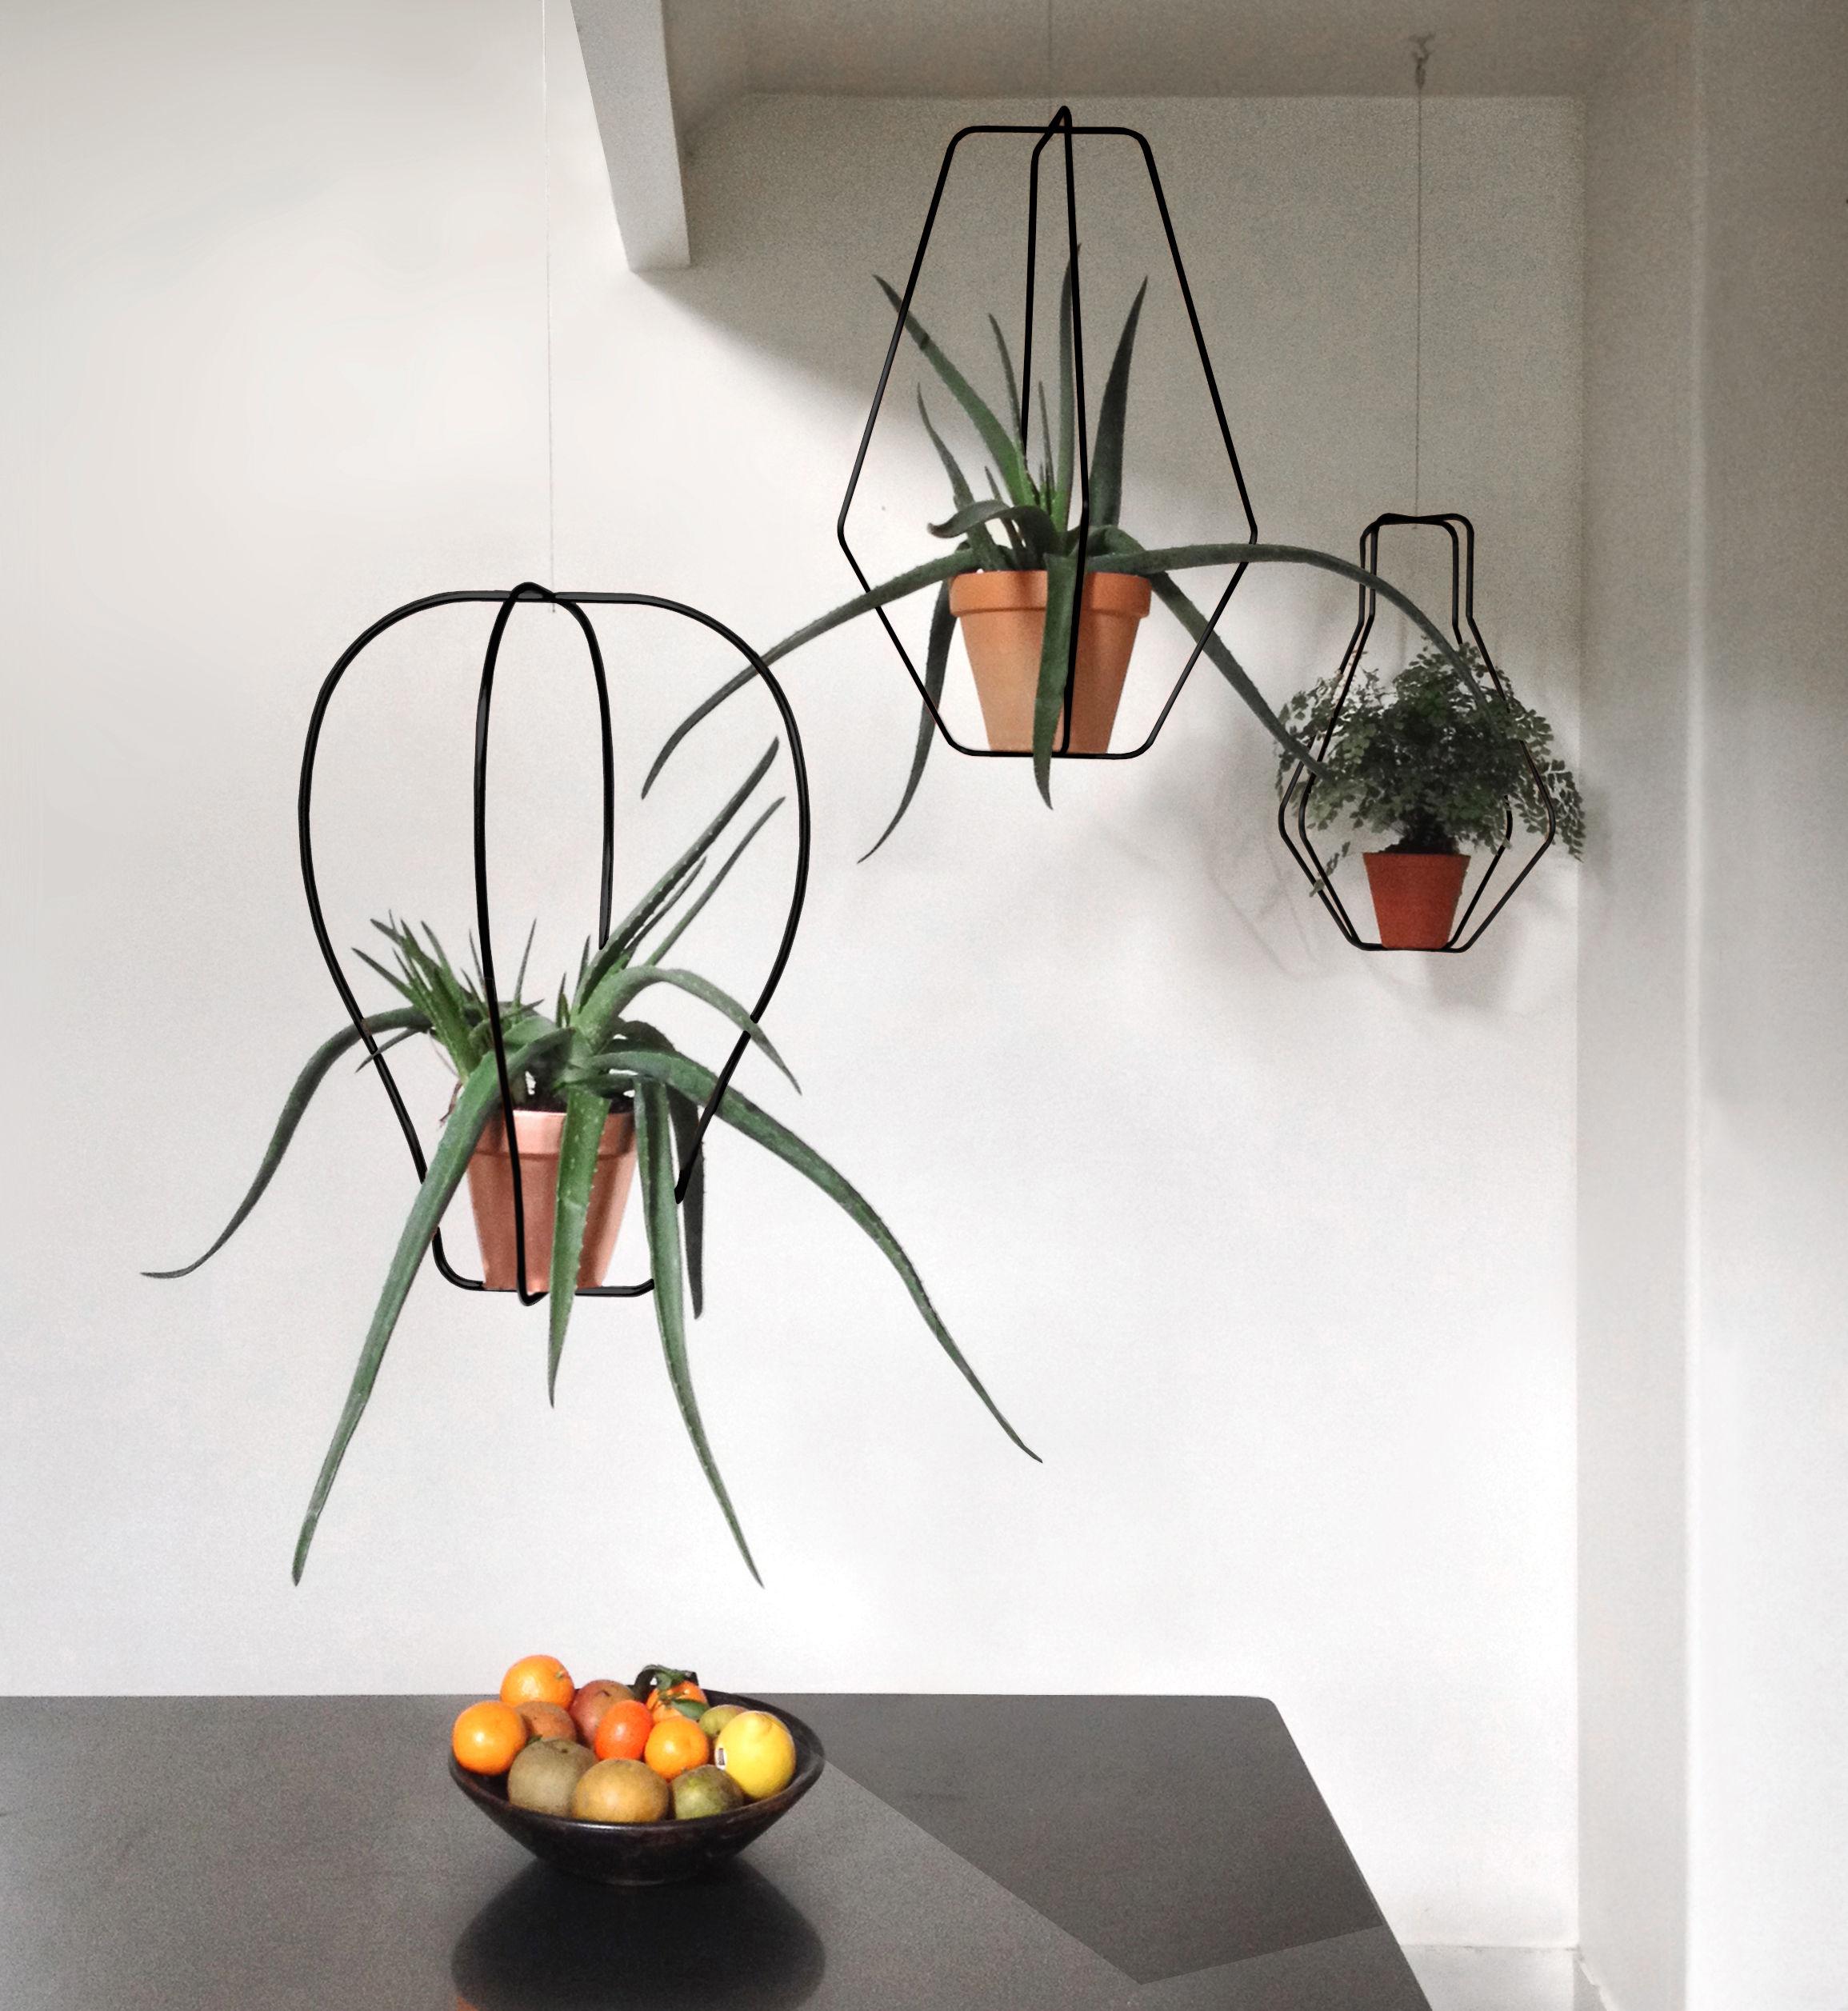 support pour pot de fleurs daniel n 1 compagnie noir l 200 x h 62 x 42 made in design. Black Bedroom Furniture Sets. Home Design Ideas